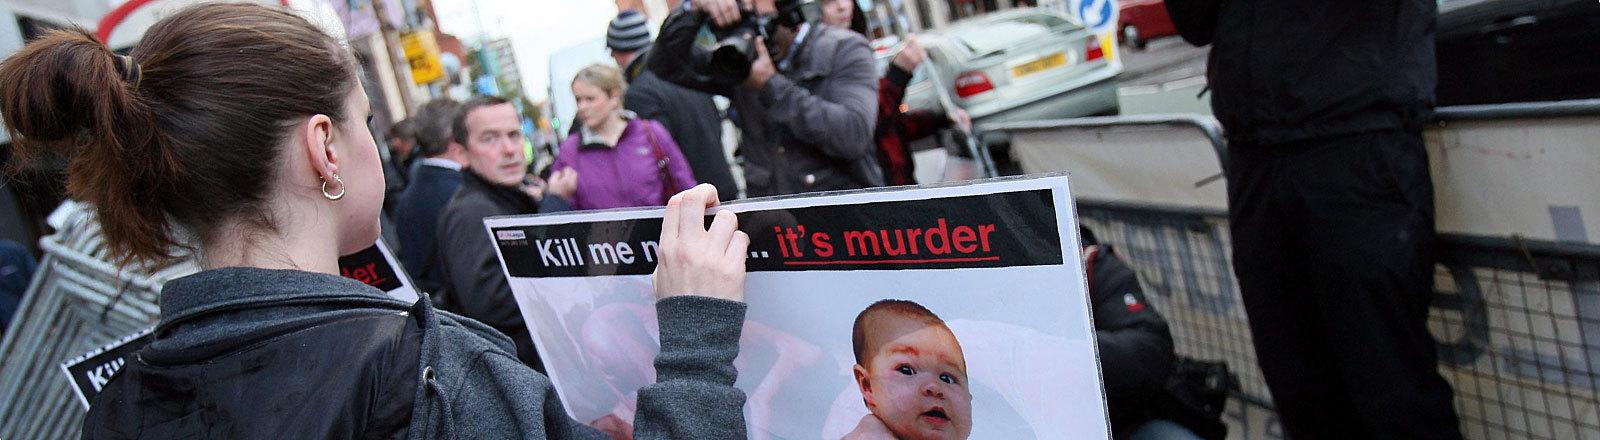 Protest gegen Abtreibung in Nordirland